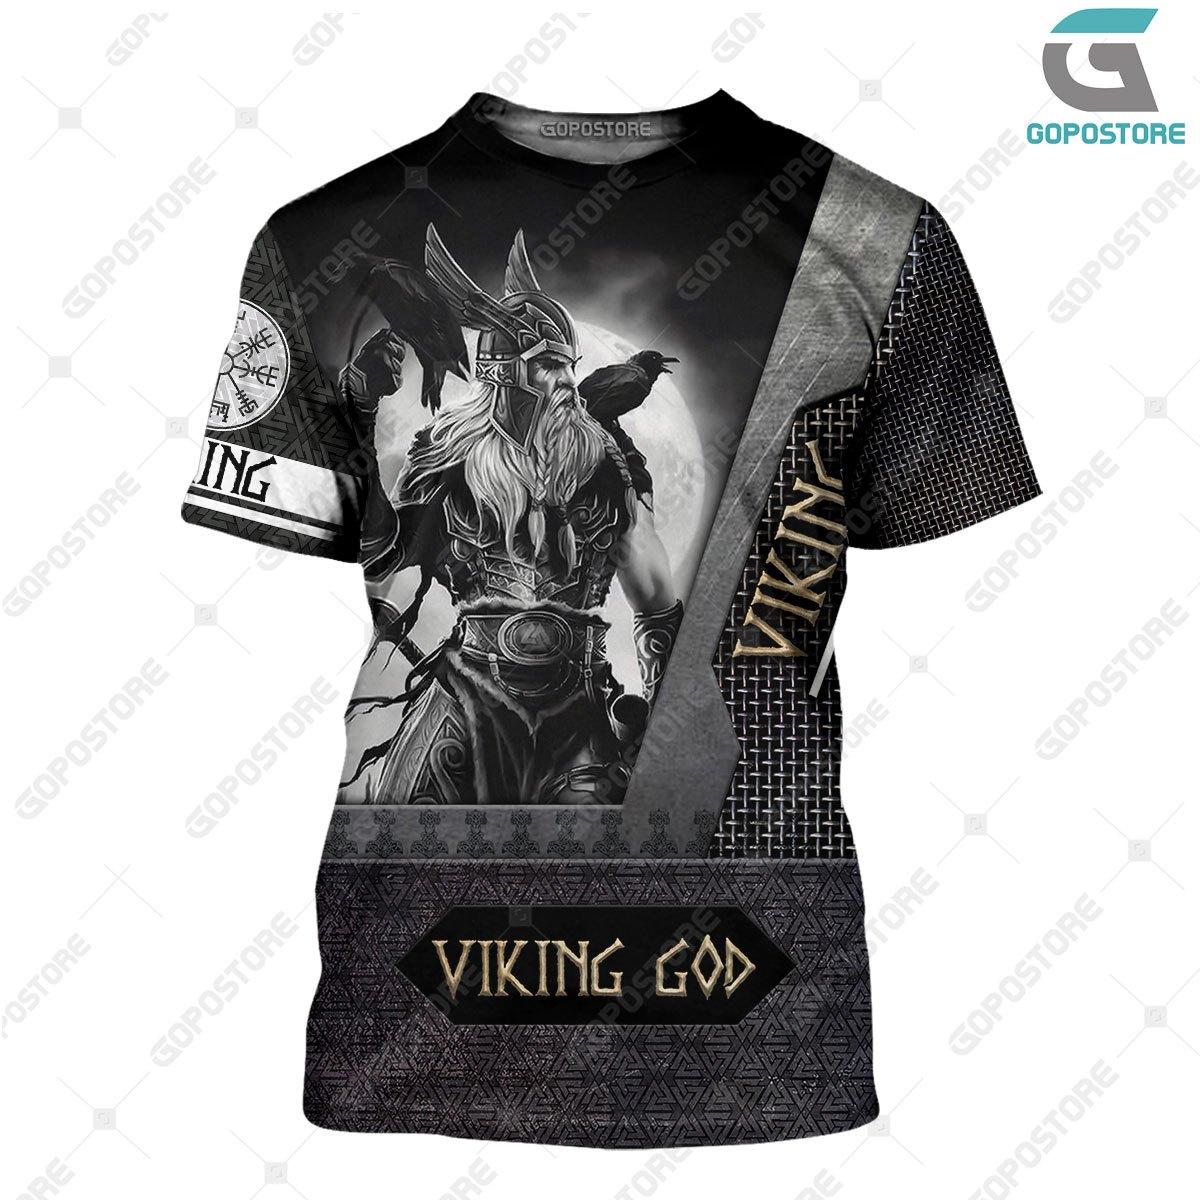 Viking god viking warrior full printing tshirt